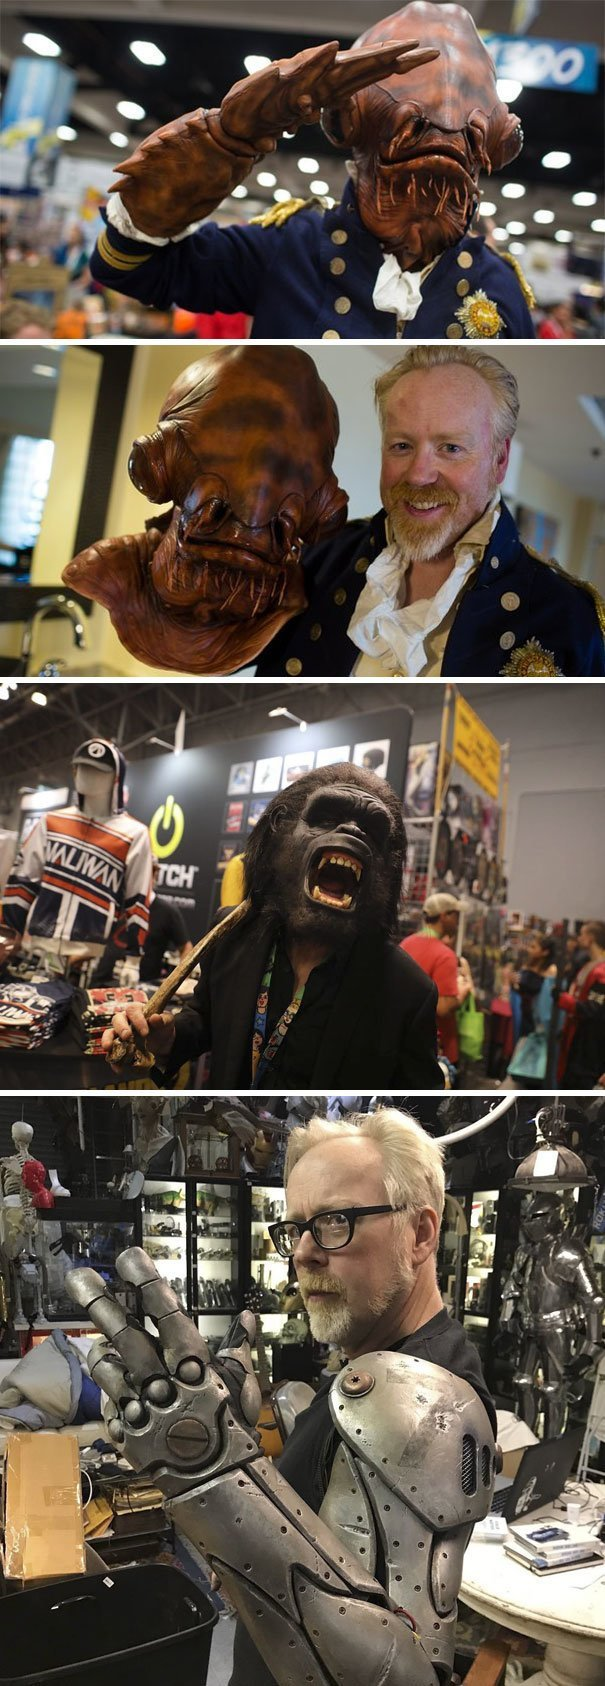 17. Ведущий Адам Сэвидж, специалист по спецэффектам, каждый год приходит на фестиваль Comic-Con в маскировке звезды, знаменитости, знаменитости дурачатся, известные люди, таланты и поклонники, тролли, троллинг, чувство юмора